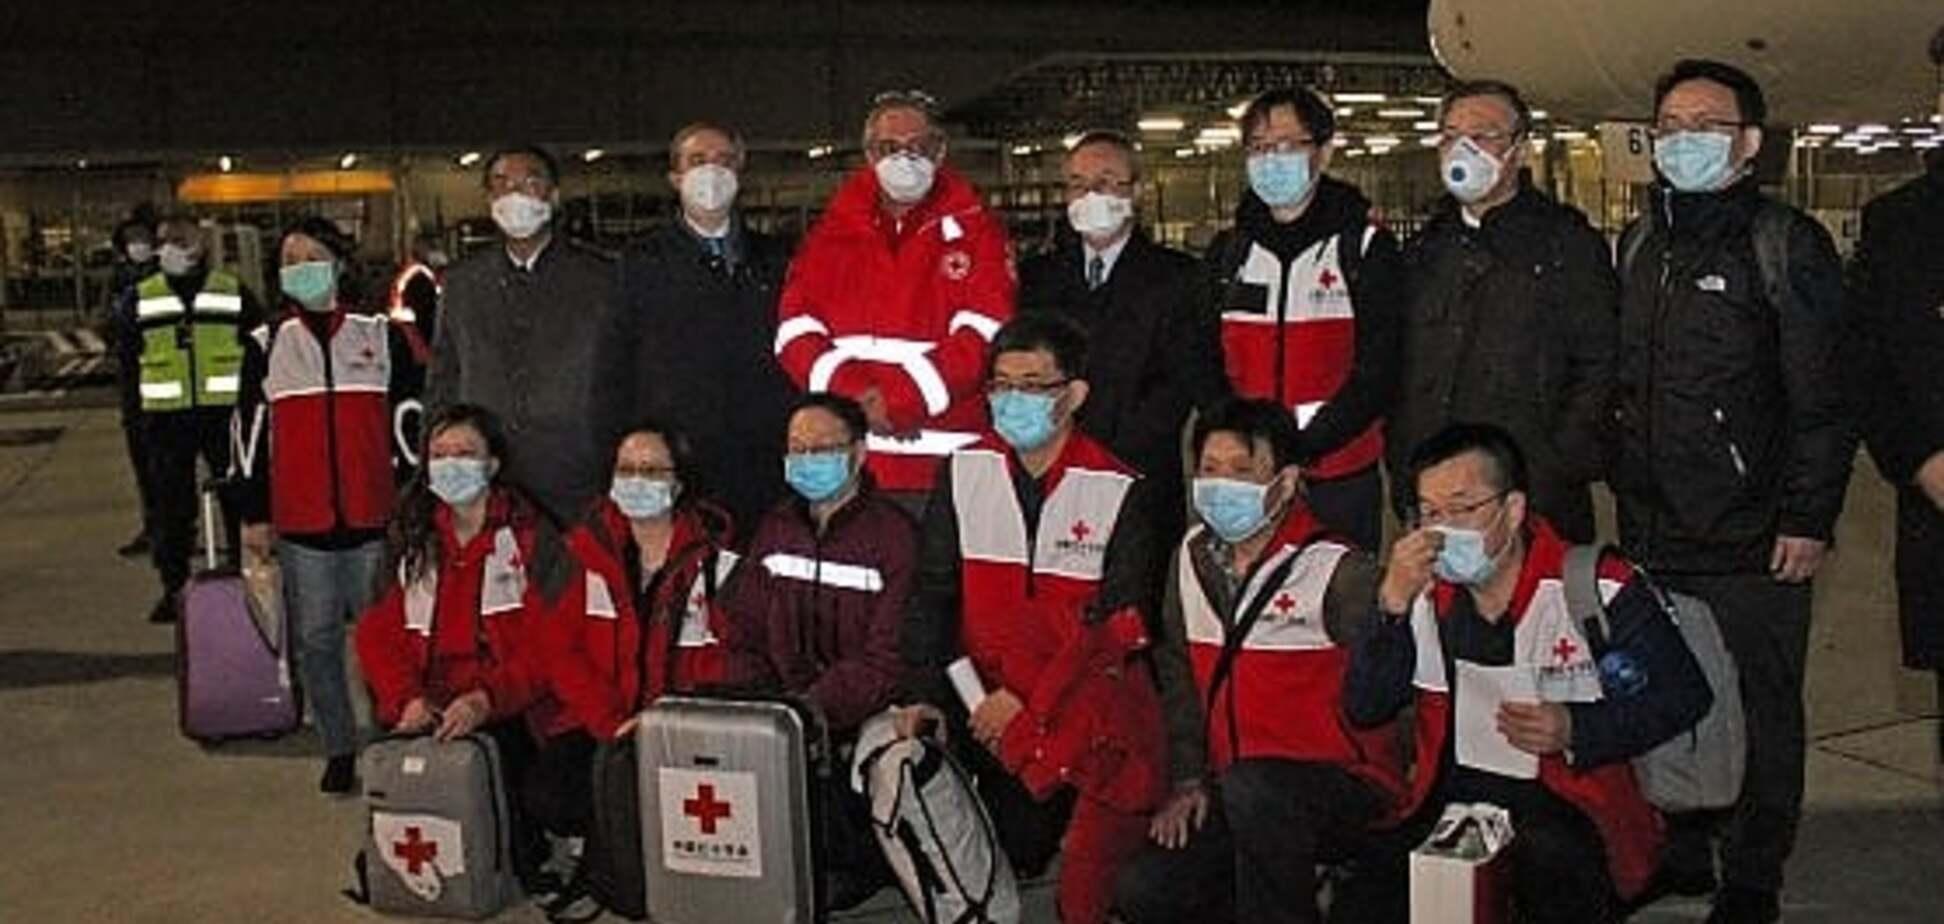 Врачи из Китая приехали в Италию для помощи в борьбе с коронавирусом